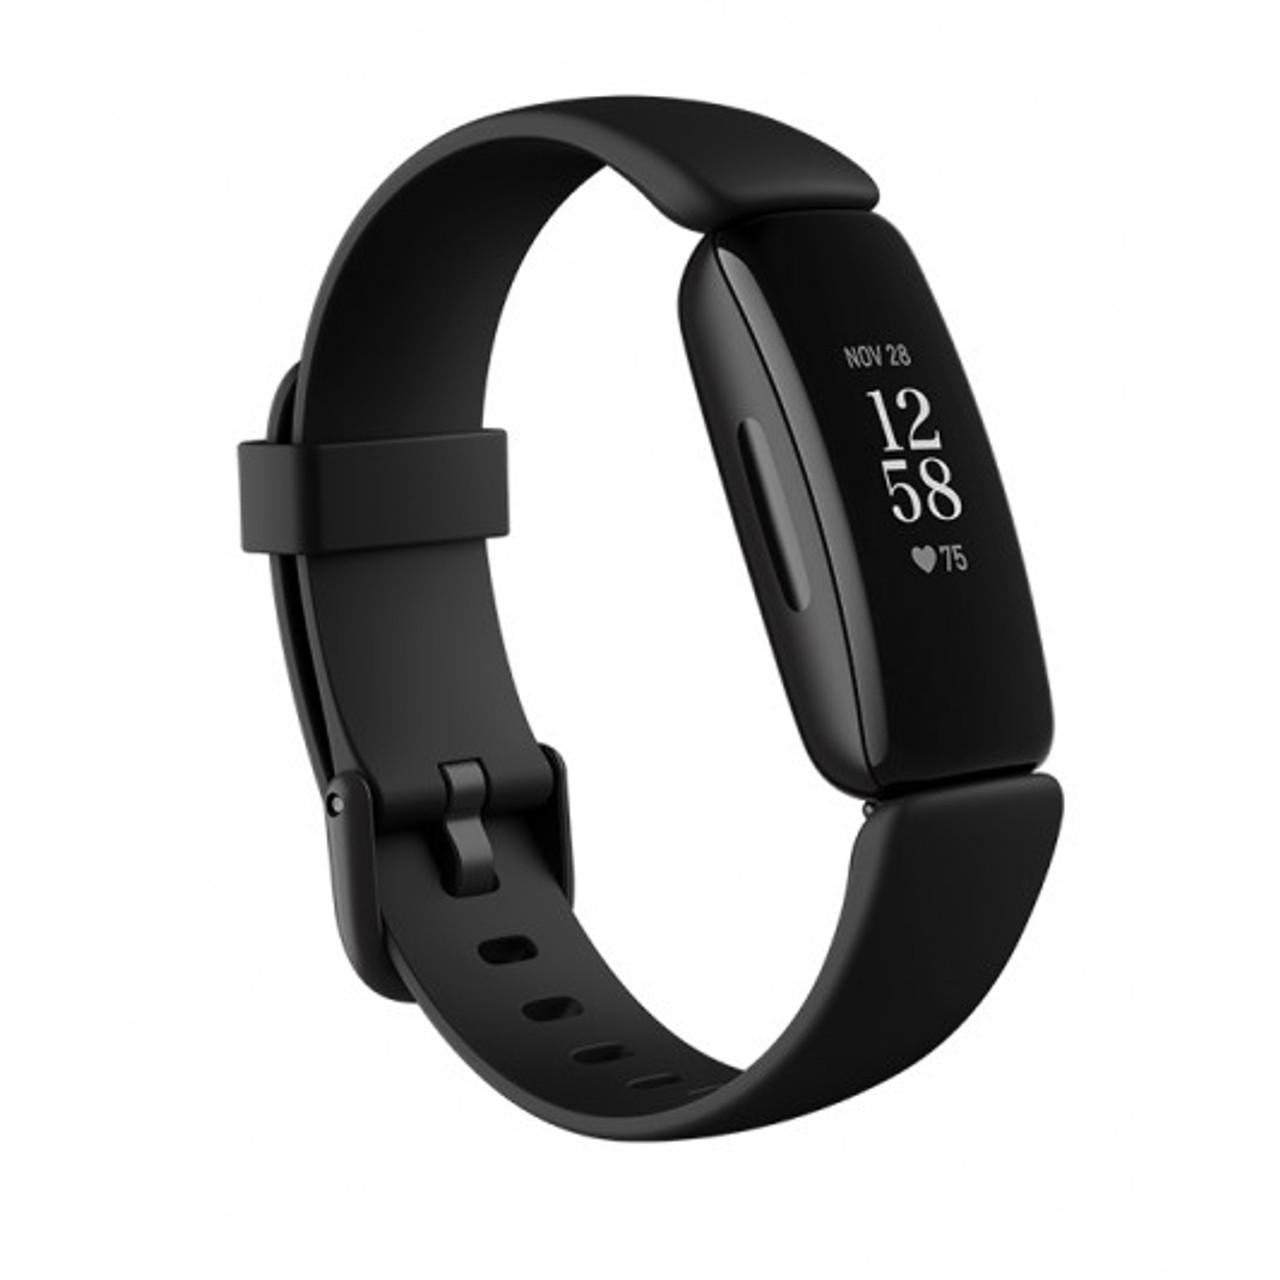 Fitbit FB418BKWT/FB418BKBK Inspire 2 Fitness Tracker - Lunar White/Black